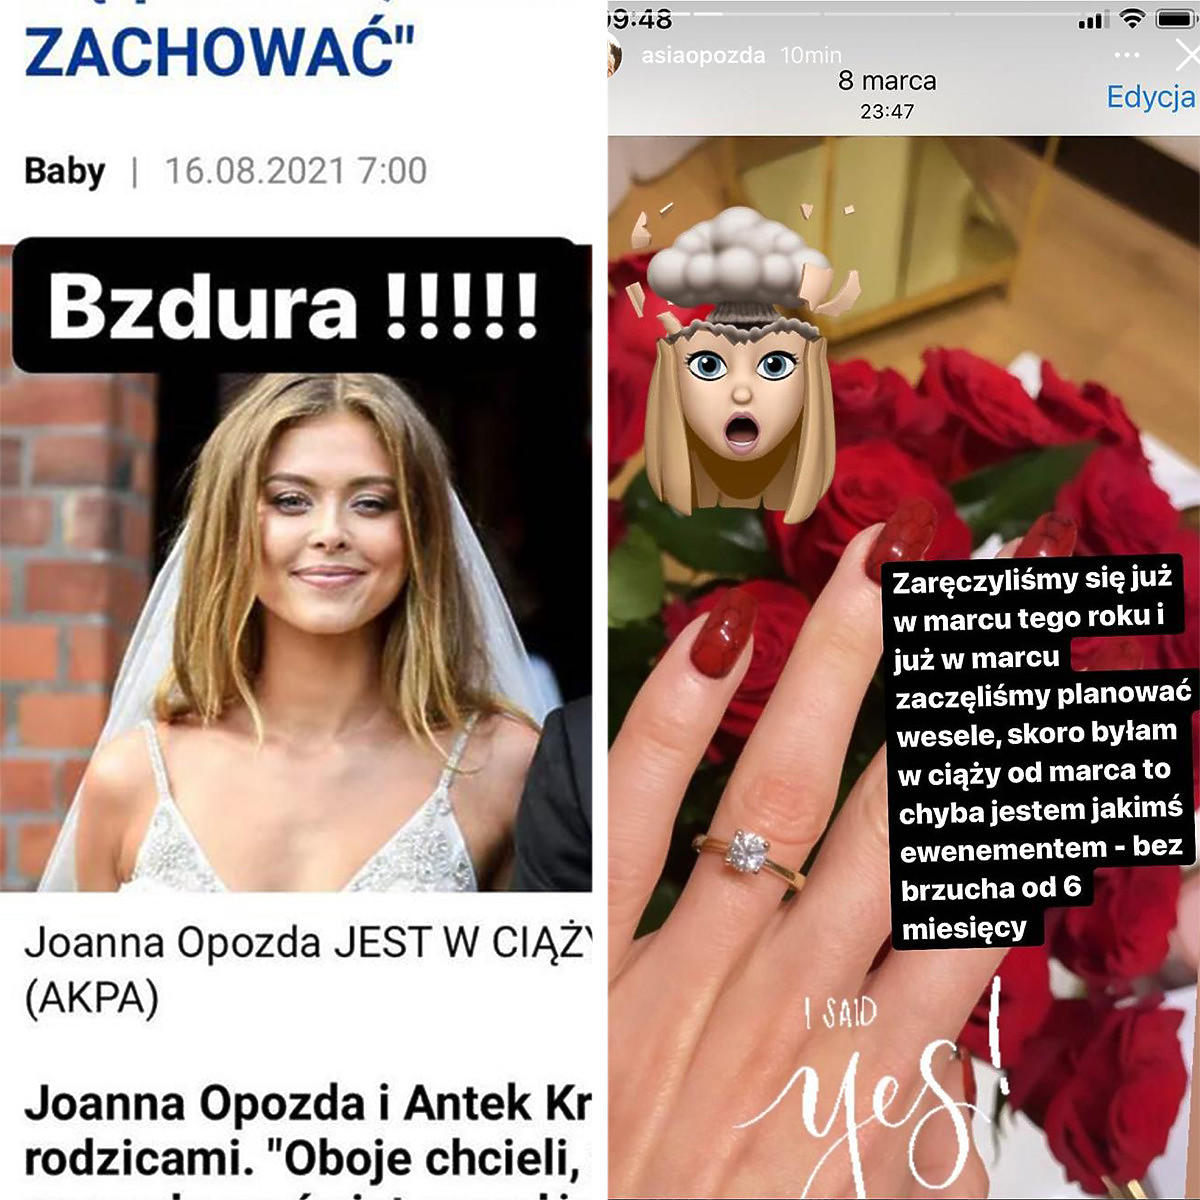 Joanna Opozda dementuje plotki o ciąży